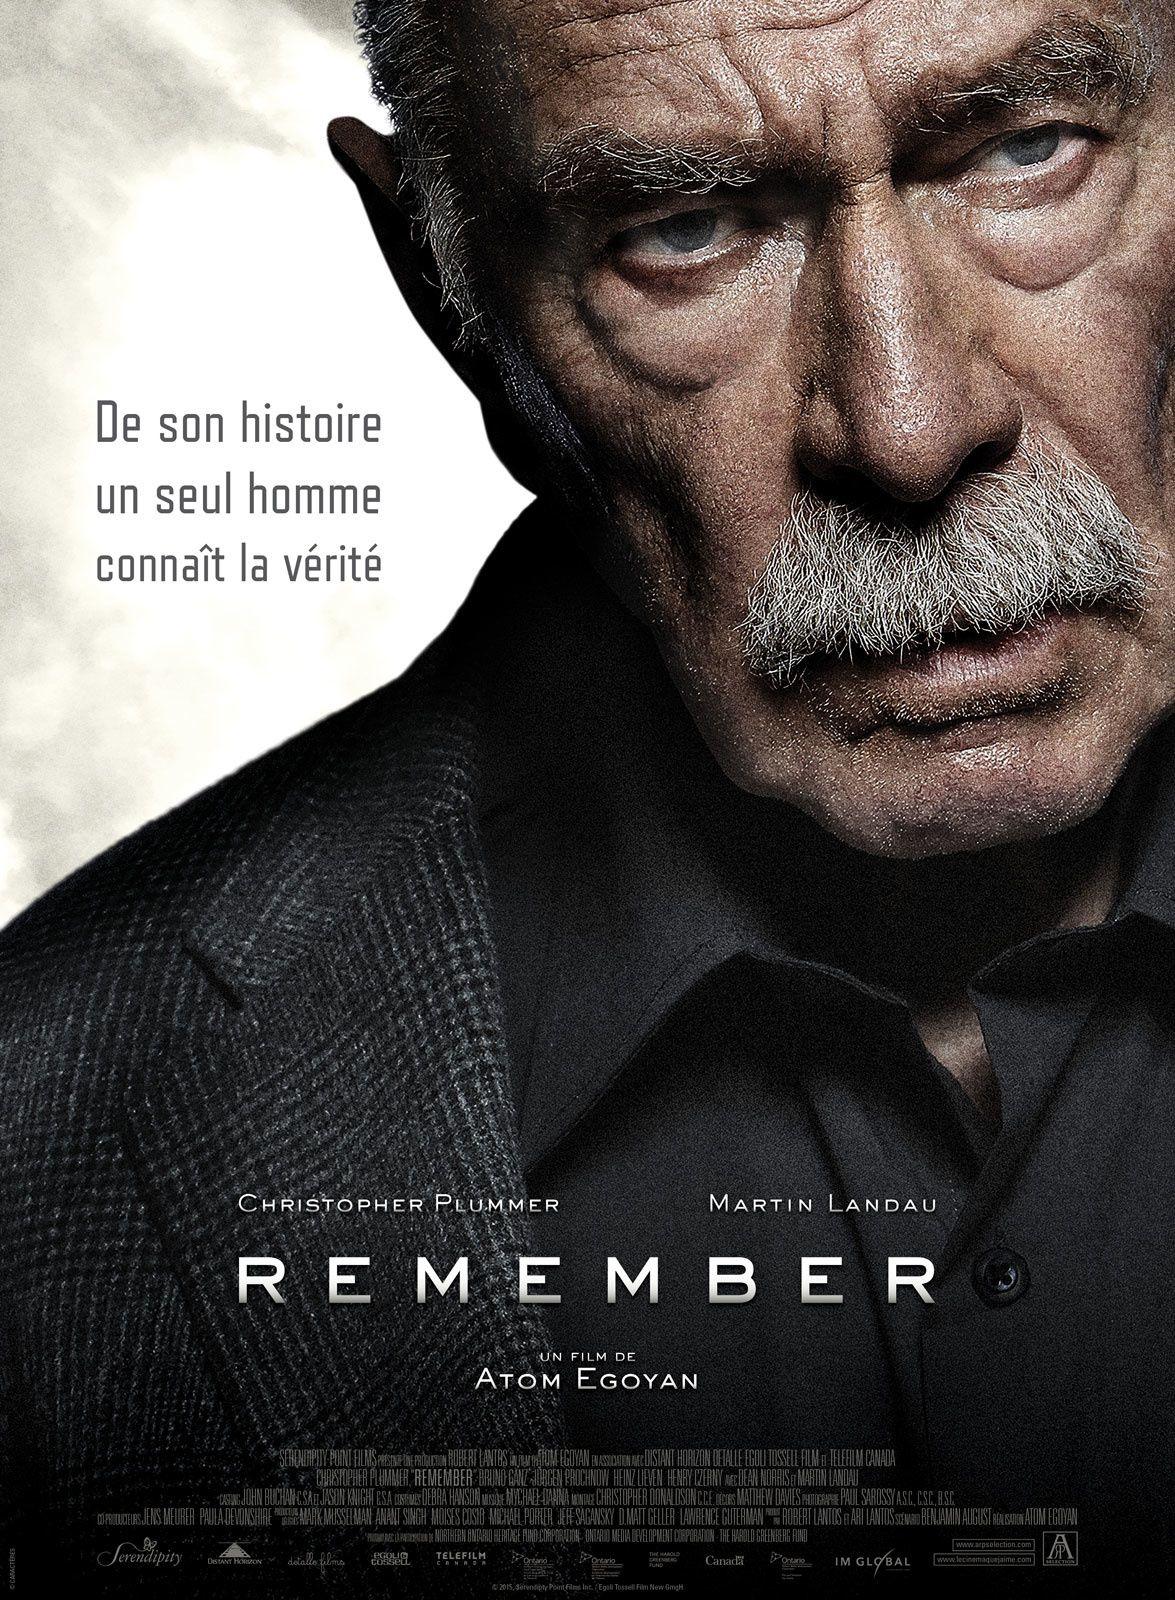 Remember (BANDE ANNONCE VOST) de Atom Egoyan avec Christopher Plummer, Martin Landau - 23 03 2016